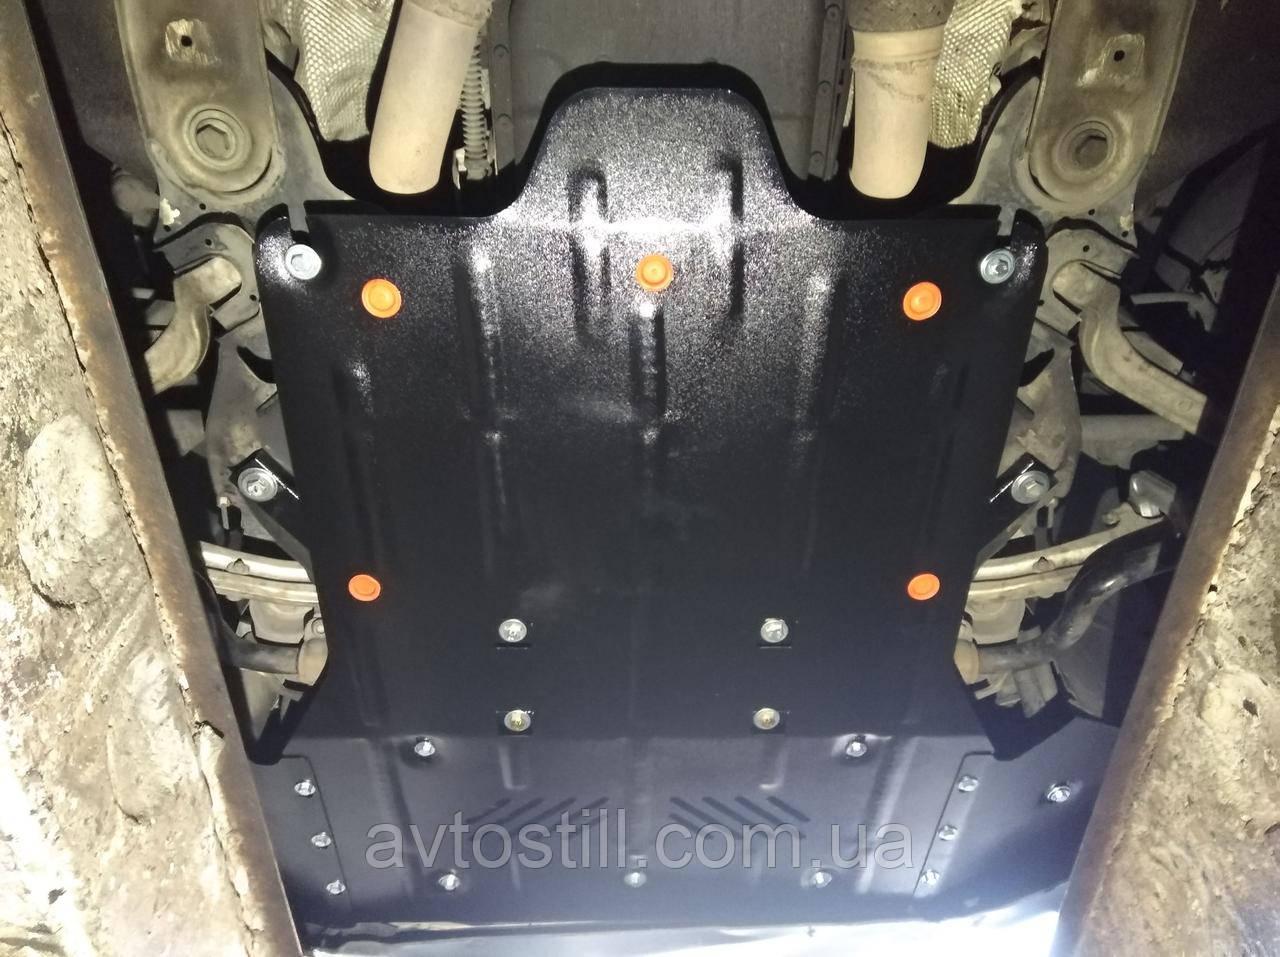 Захист картера двигуна радіатора і коробки передач Audi A8 D3 (2002-2010)